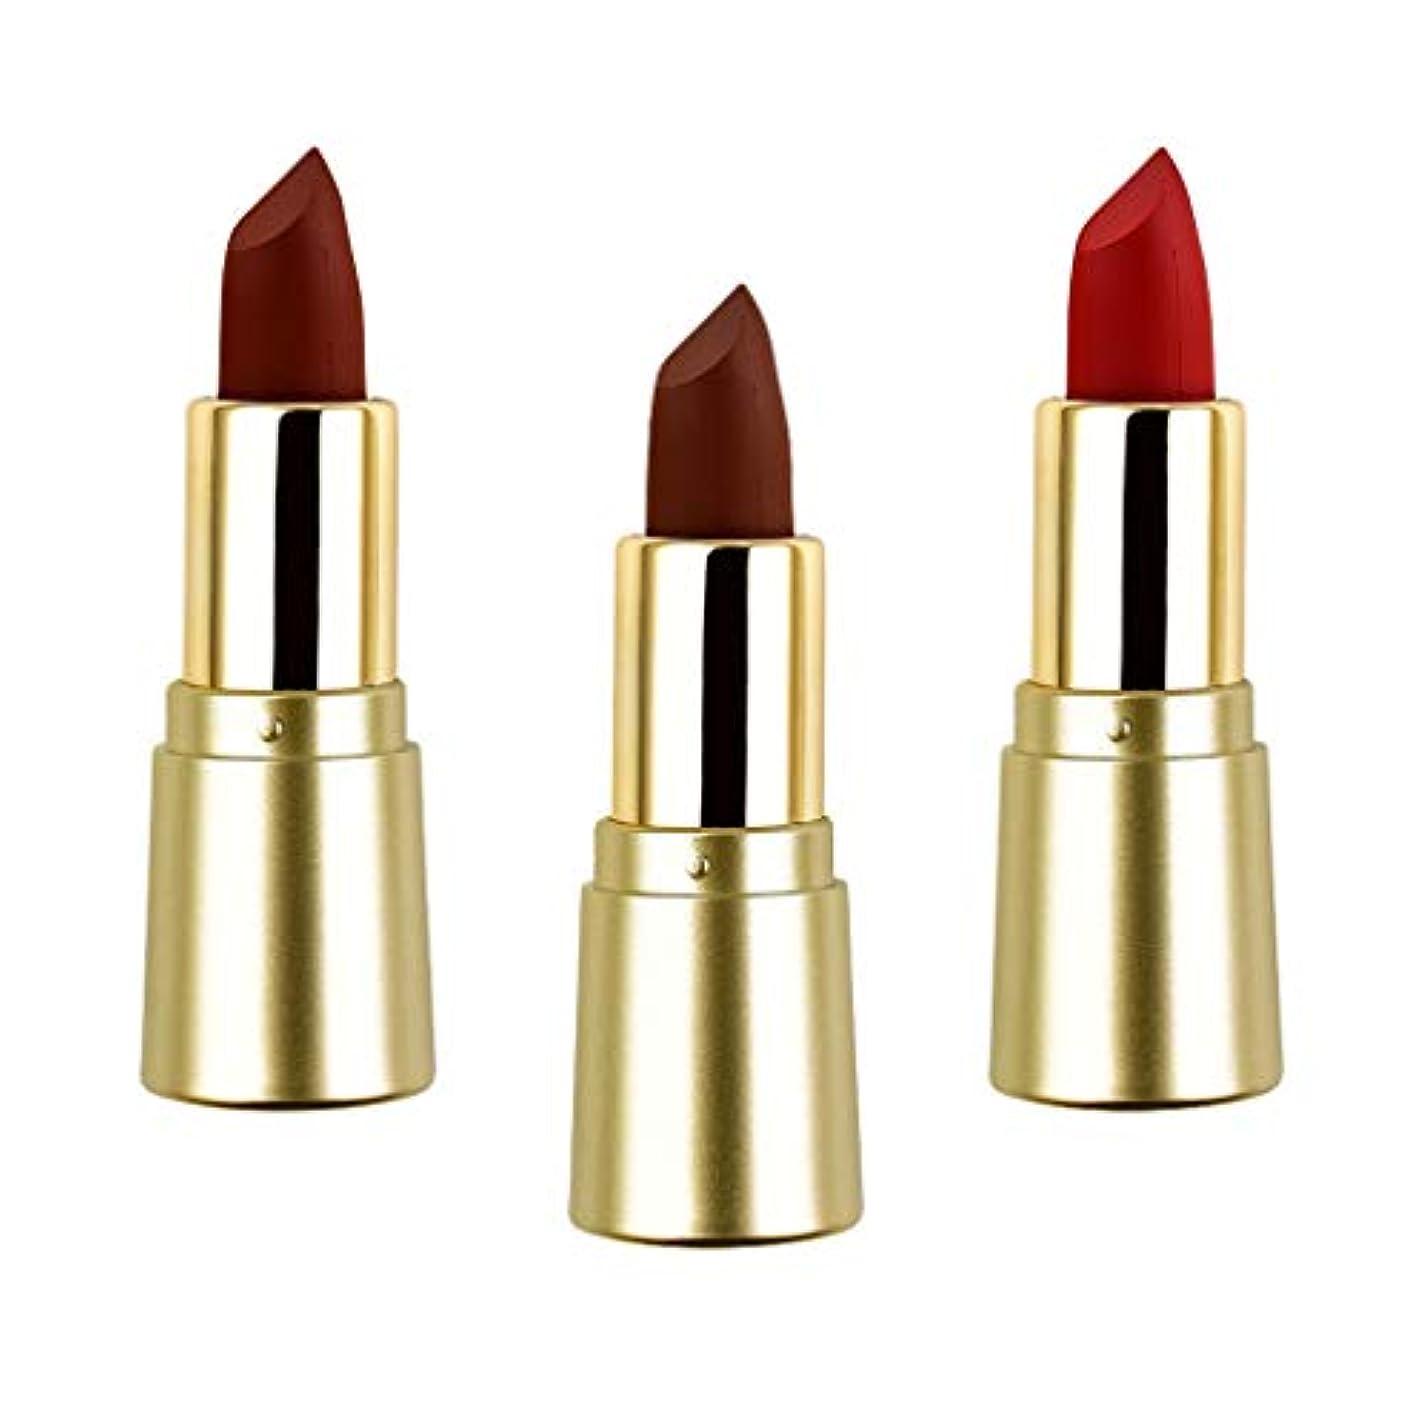 インタビュー透過性の間でSM SunniMix 3色 口紅セット マットリップスティック ミニマット ベルベット 保湿効果 無光沢 長持ち色 防水性